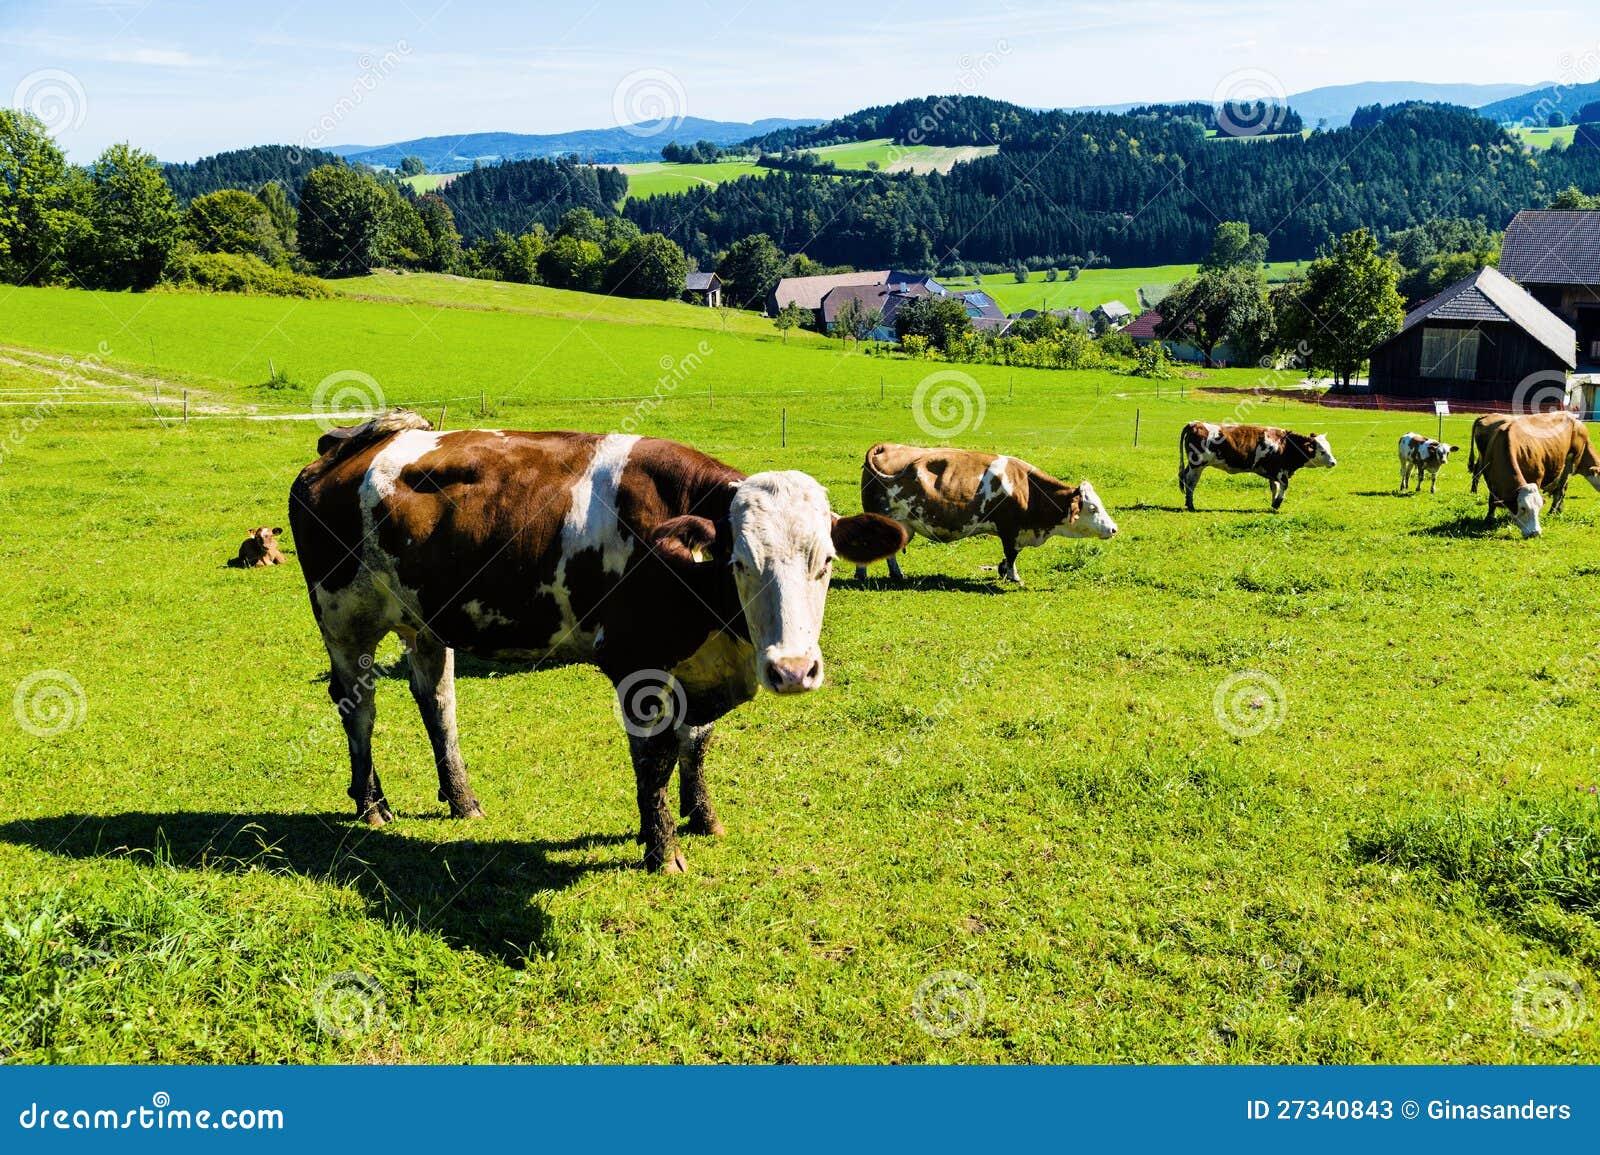 澳大利亚发展大牧场放牧业的有利条件_澳大利亚发展大牧场放牧业_qq牧场饲养大厅升级条件